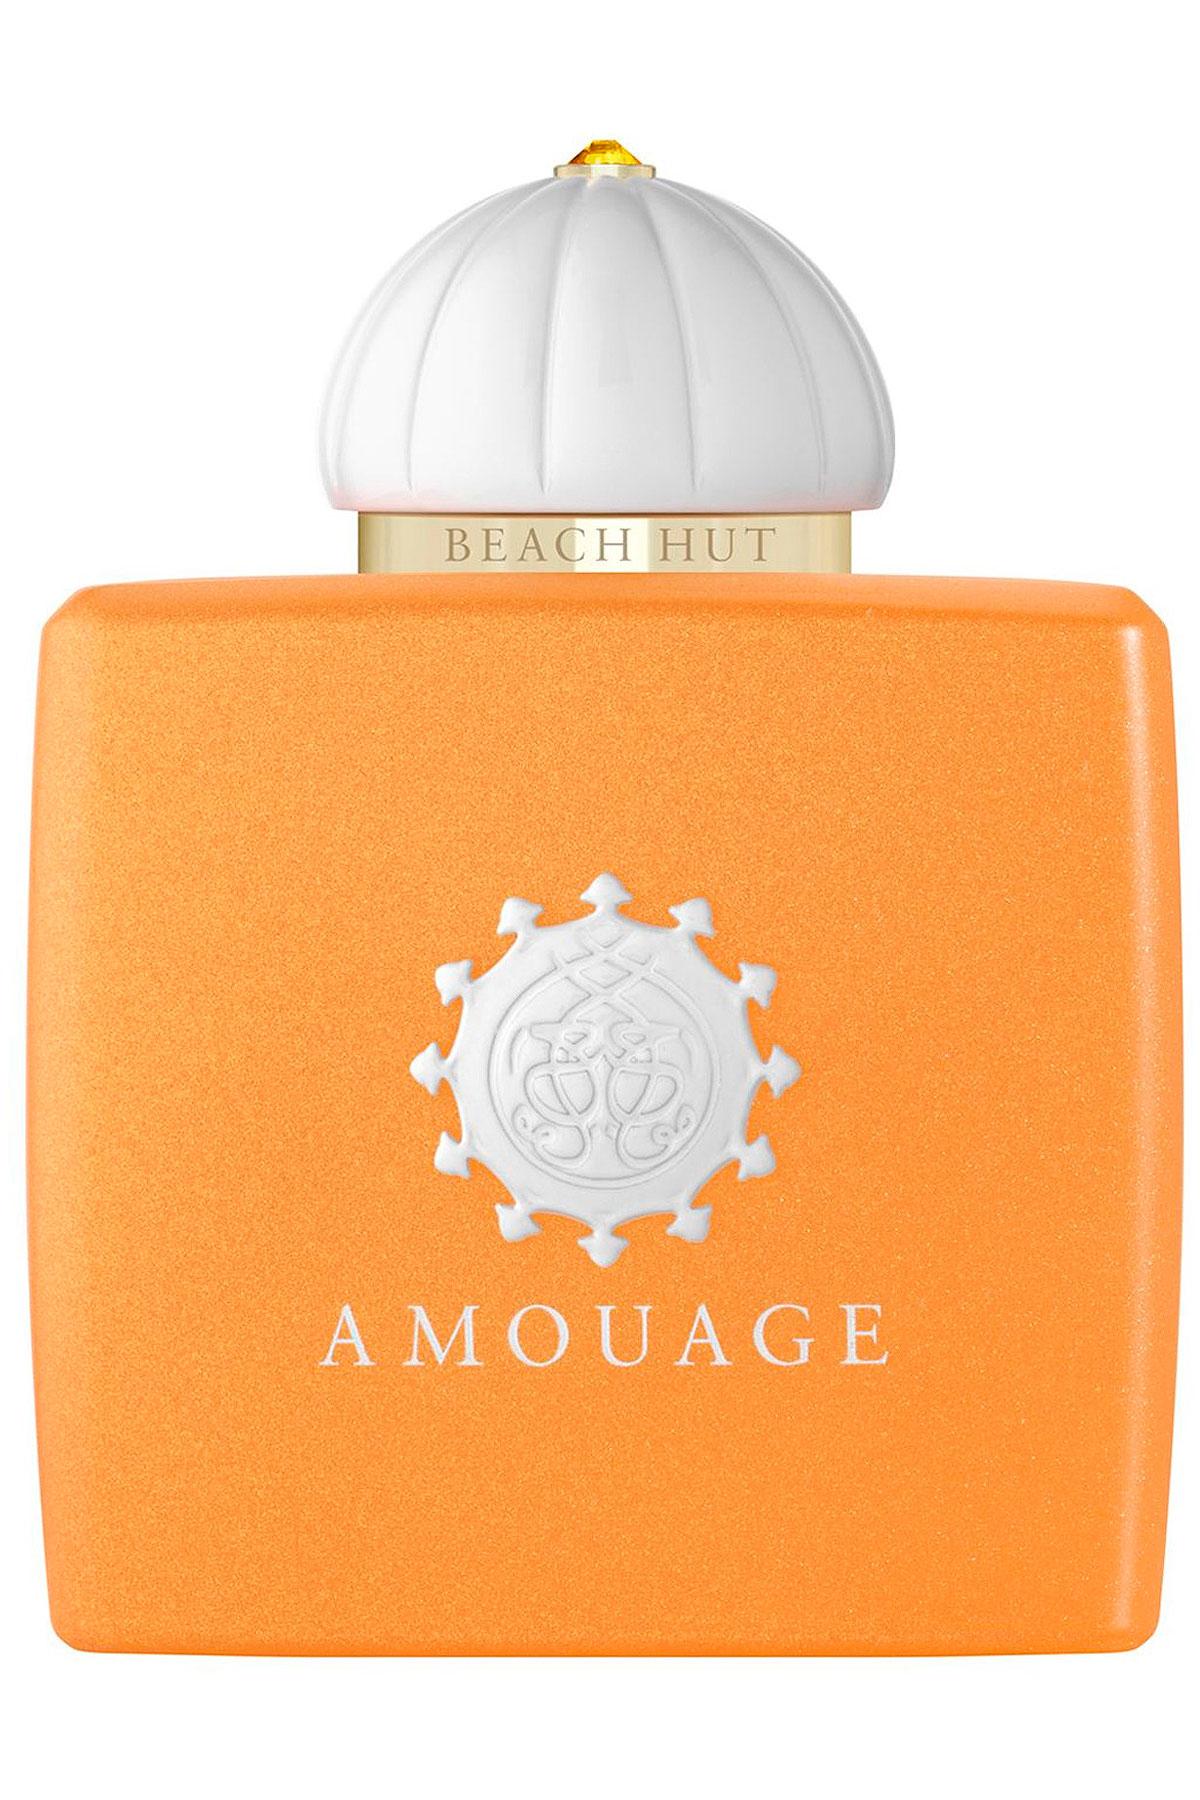 Amouage Fragrances for Women, Beach Hut - Eau De Parfum - Woman 100 Ml, 2019, 100 ml